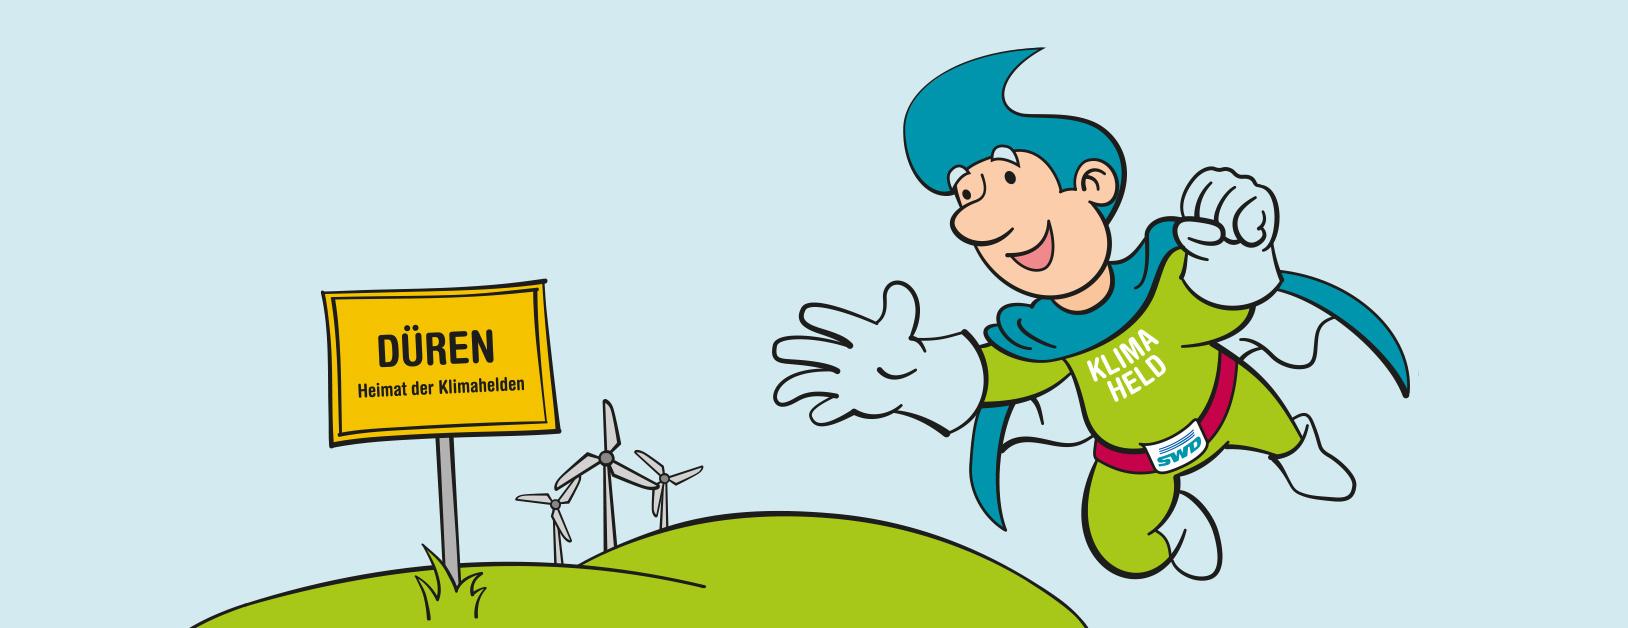 SWD Klimaheld fliegt vor grüner Wiese mit Dürener Ortsschild und Windrädern